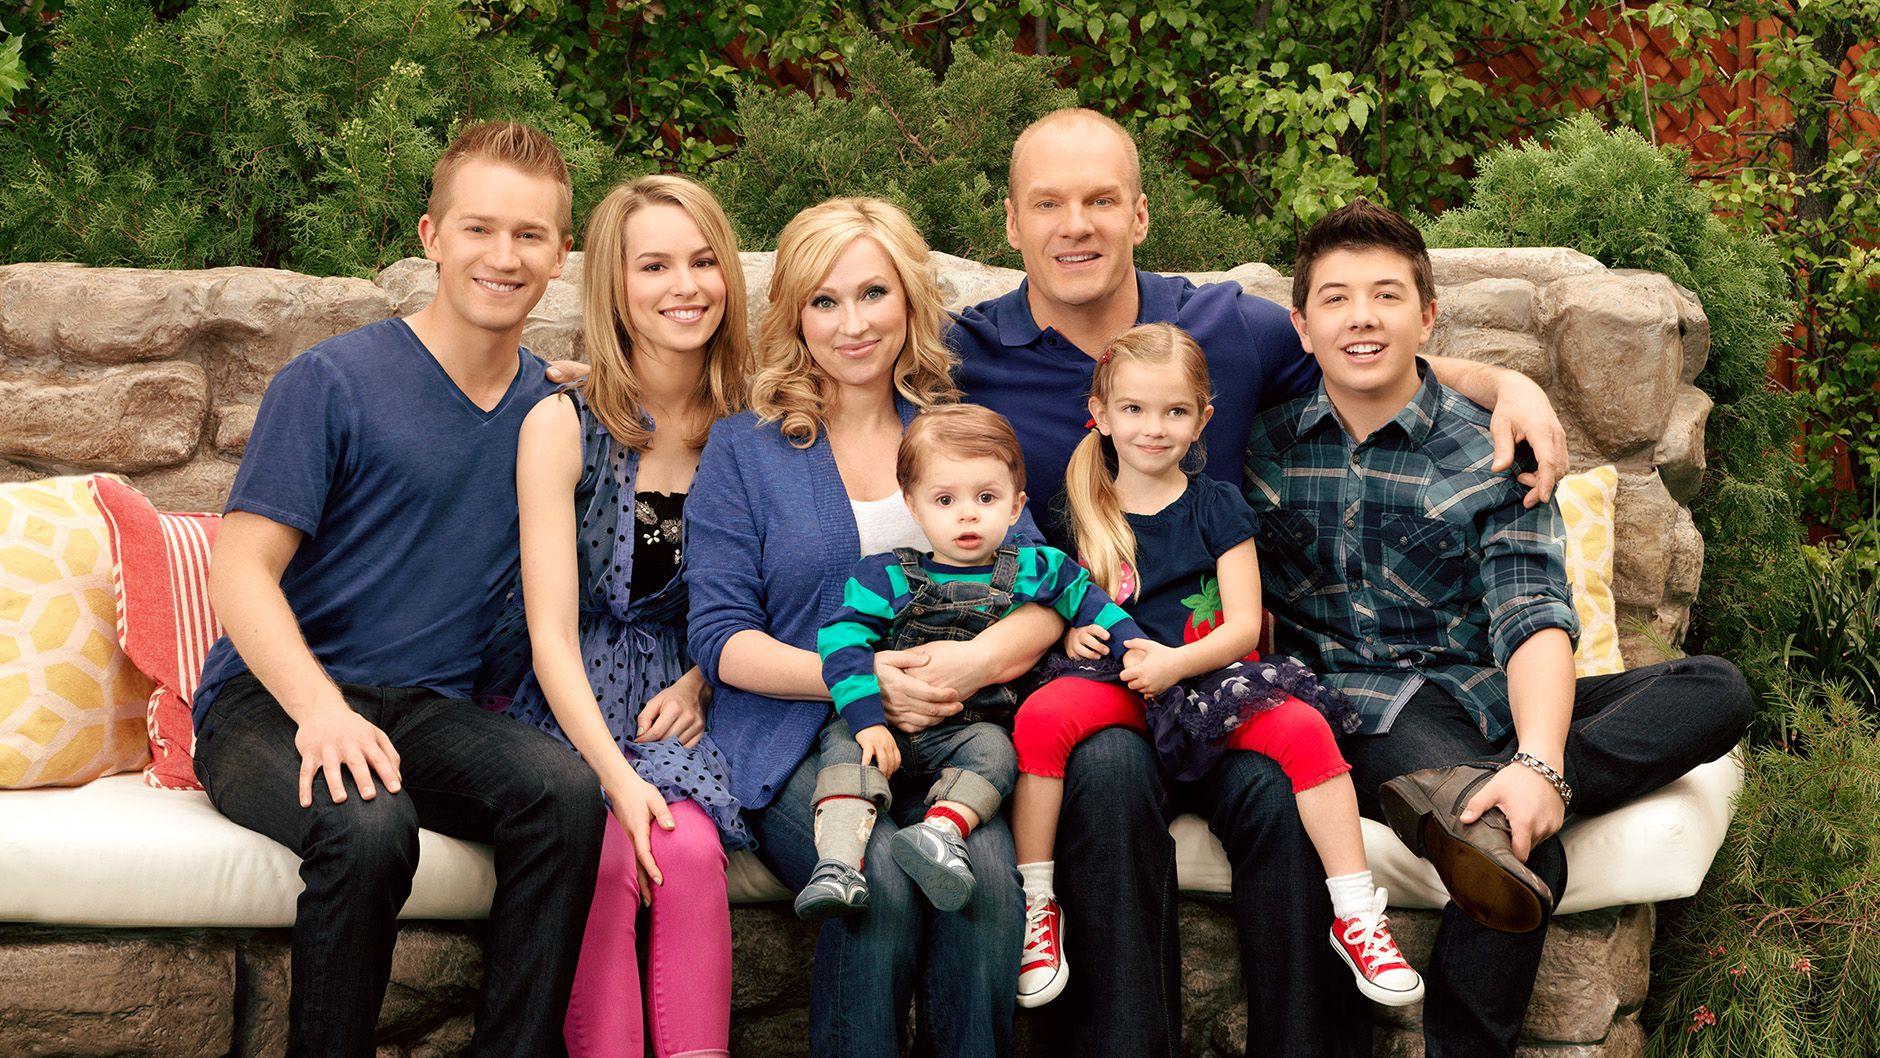 Not Perfect Family Maldita Sorte Boa Sorte Charlie Disney Channel